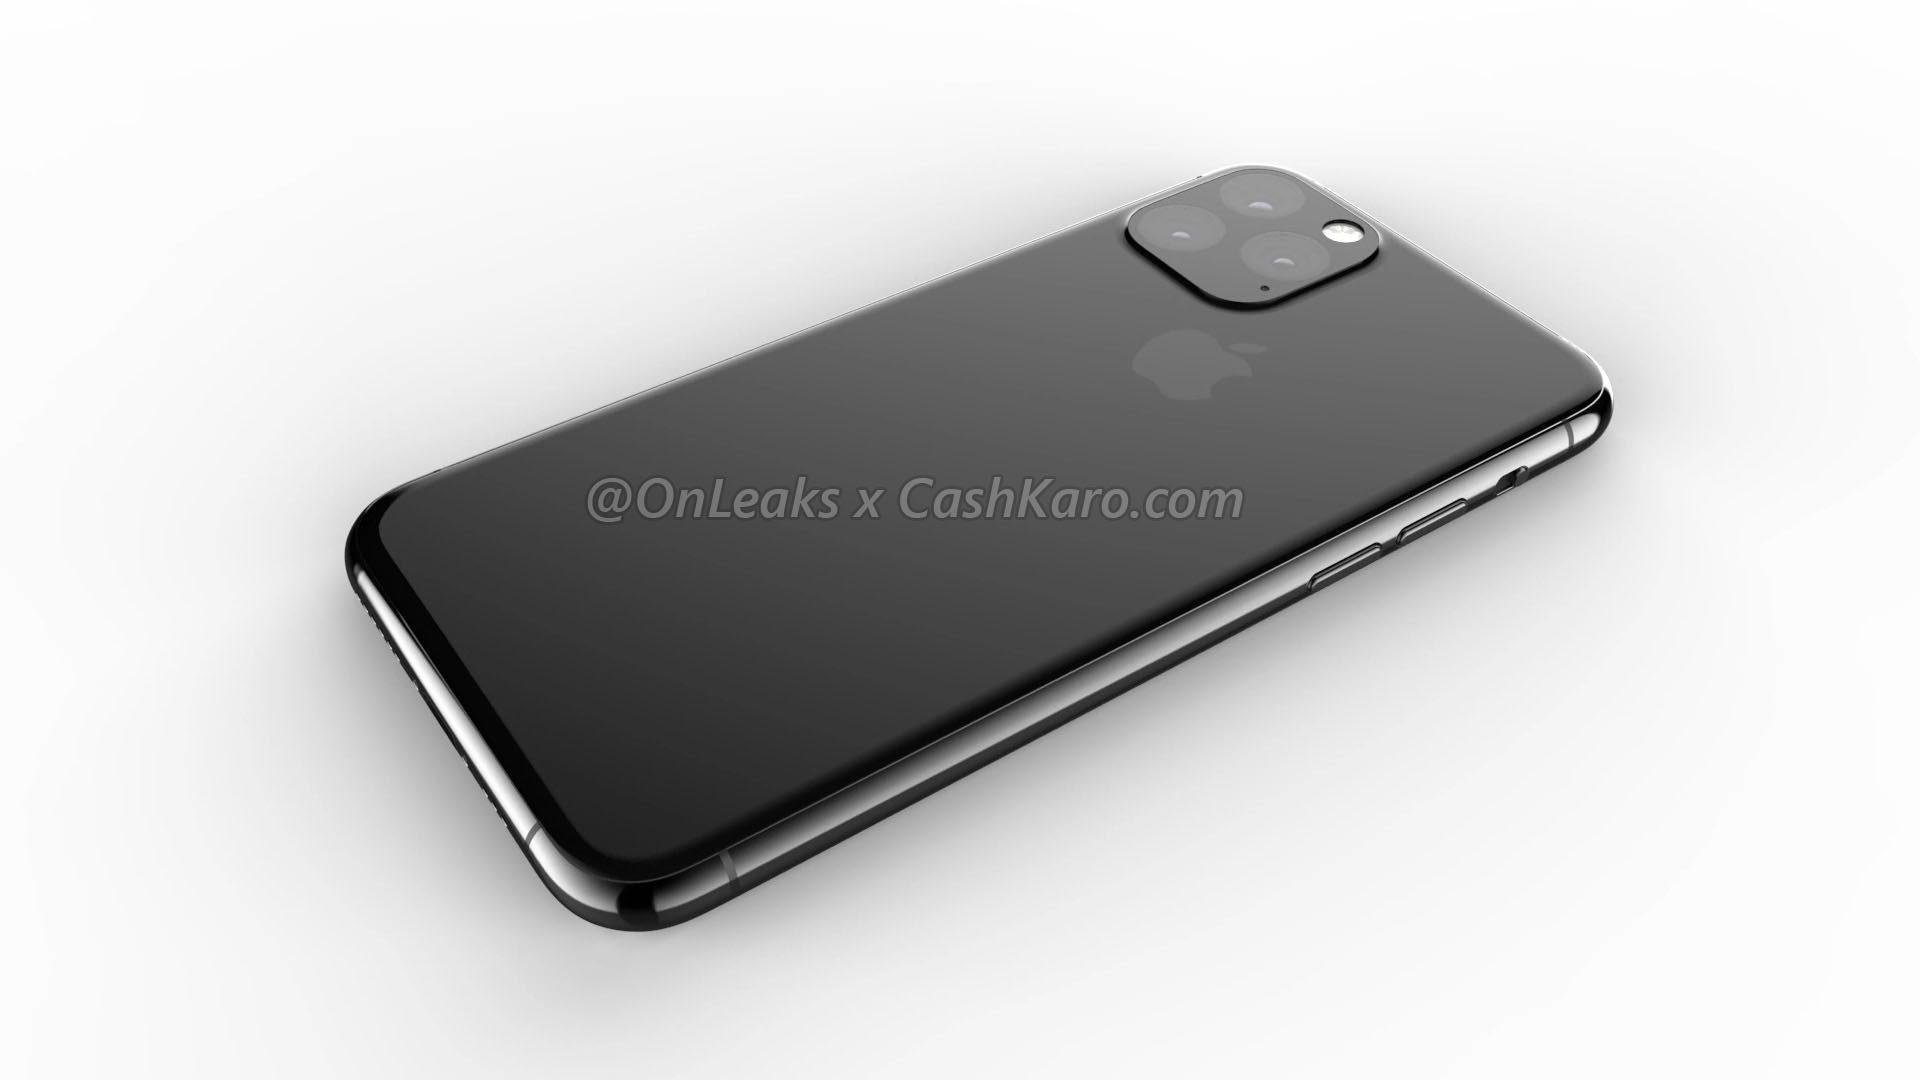 Render de suposto iPhone de 2019 por OnLeaks